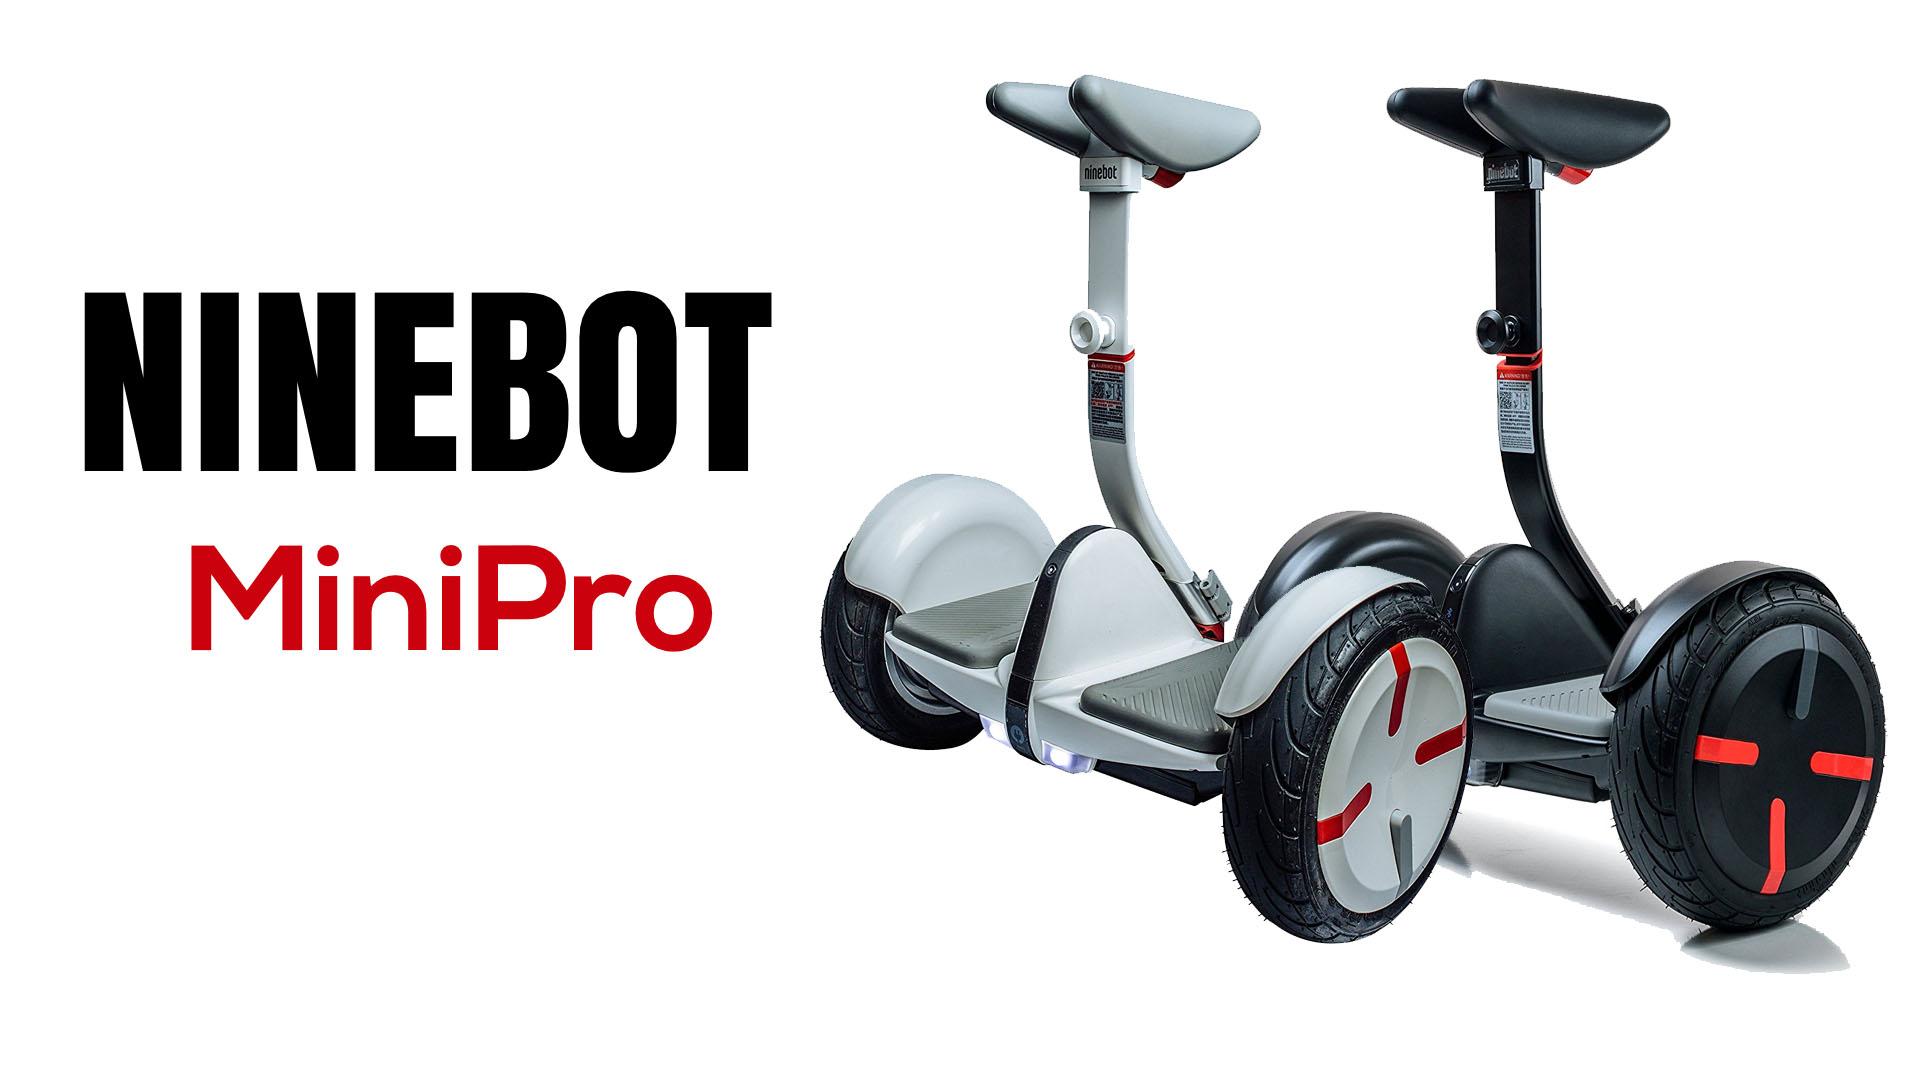 ninebot miniPro Segway